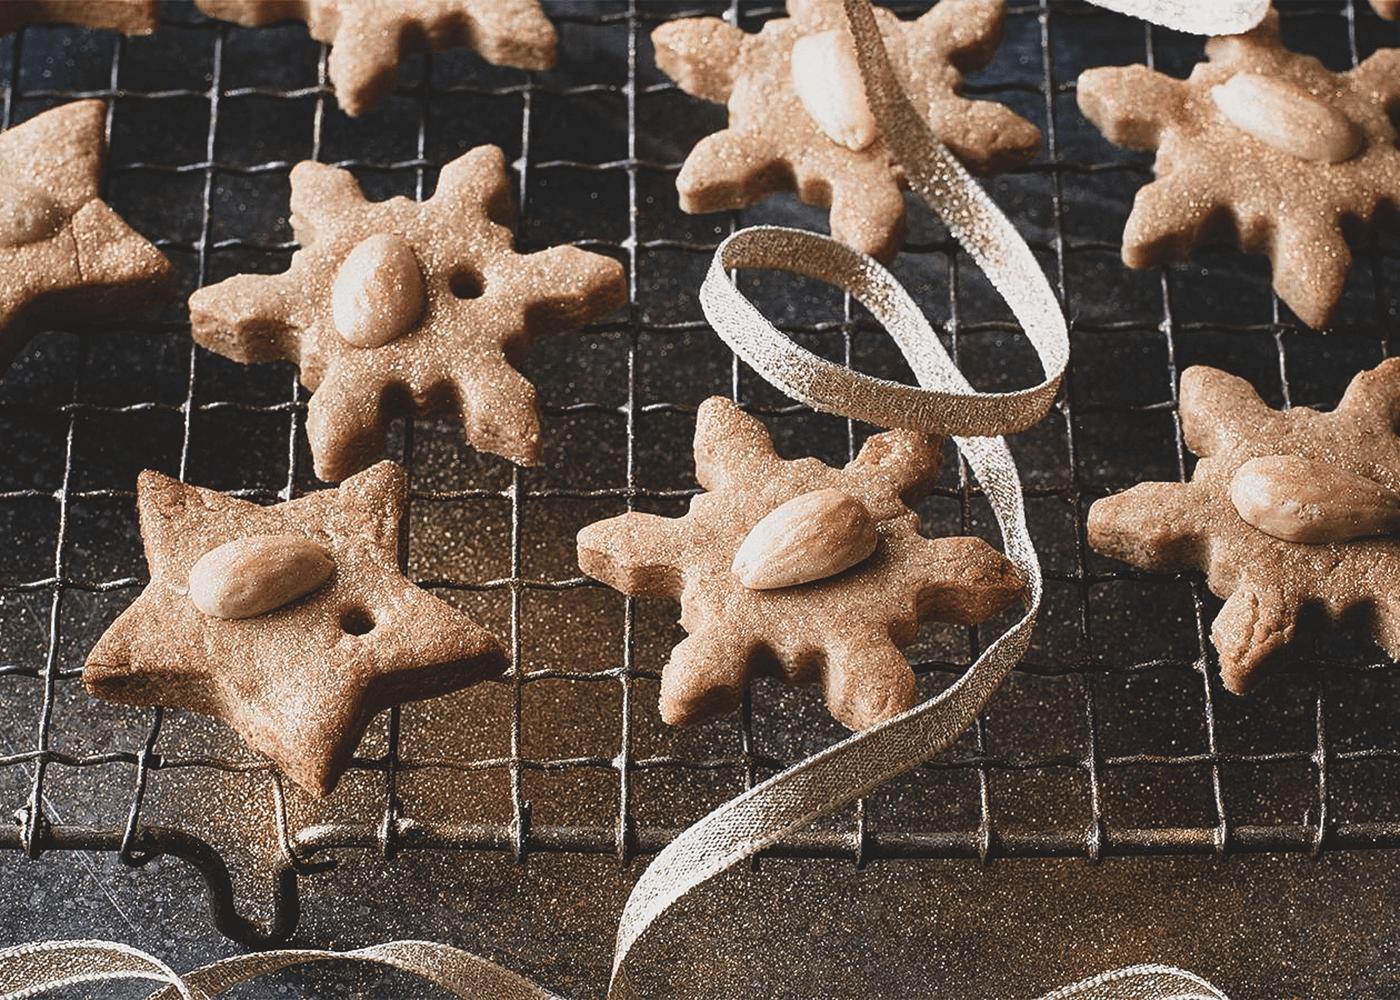 bolachinhas low sugar - Receitas práticas para um Natal mais saudável